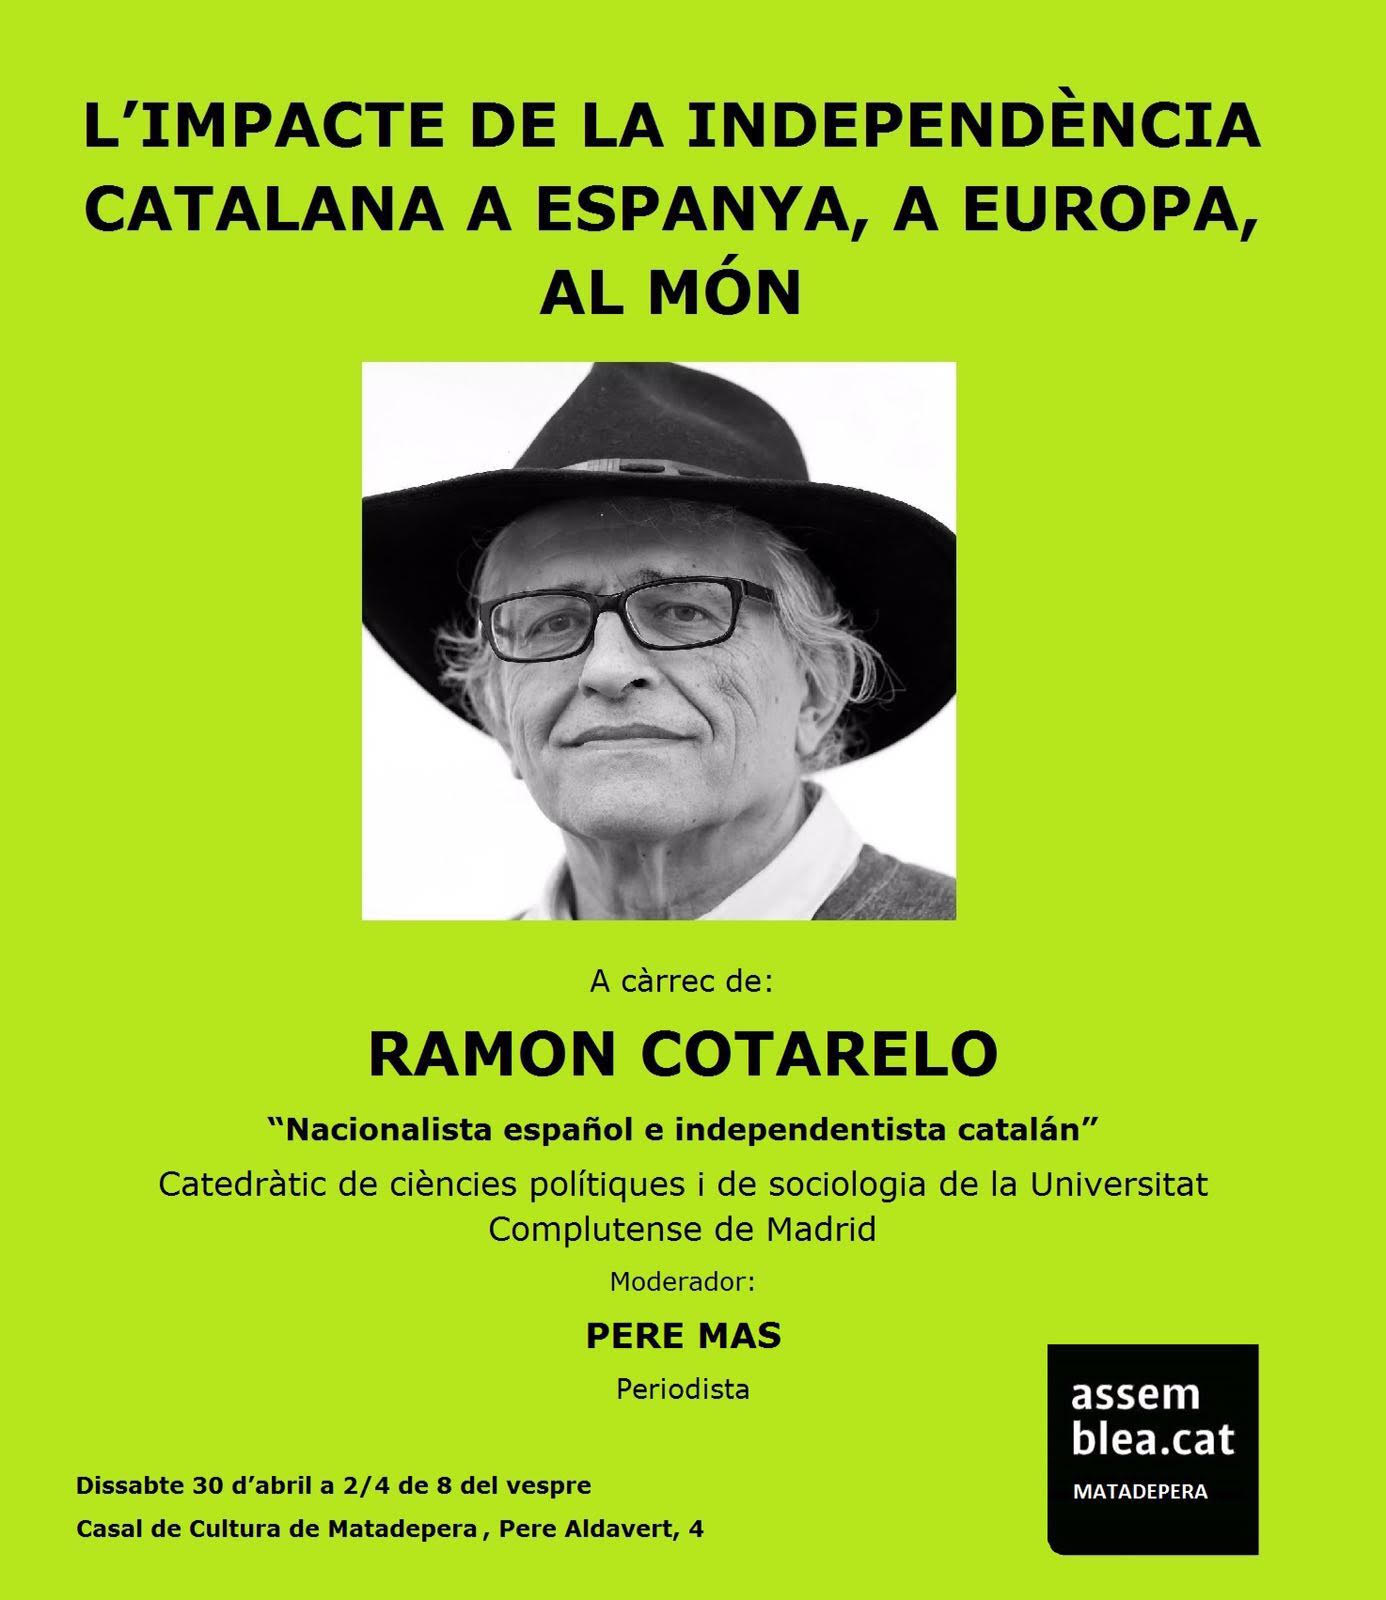 Mañana, sábado, en Matadepera sobre la propera República catalana en el Món.